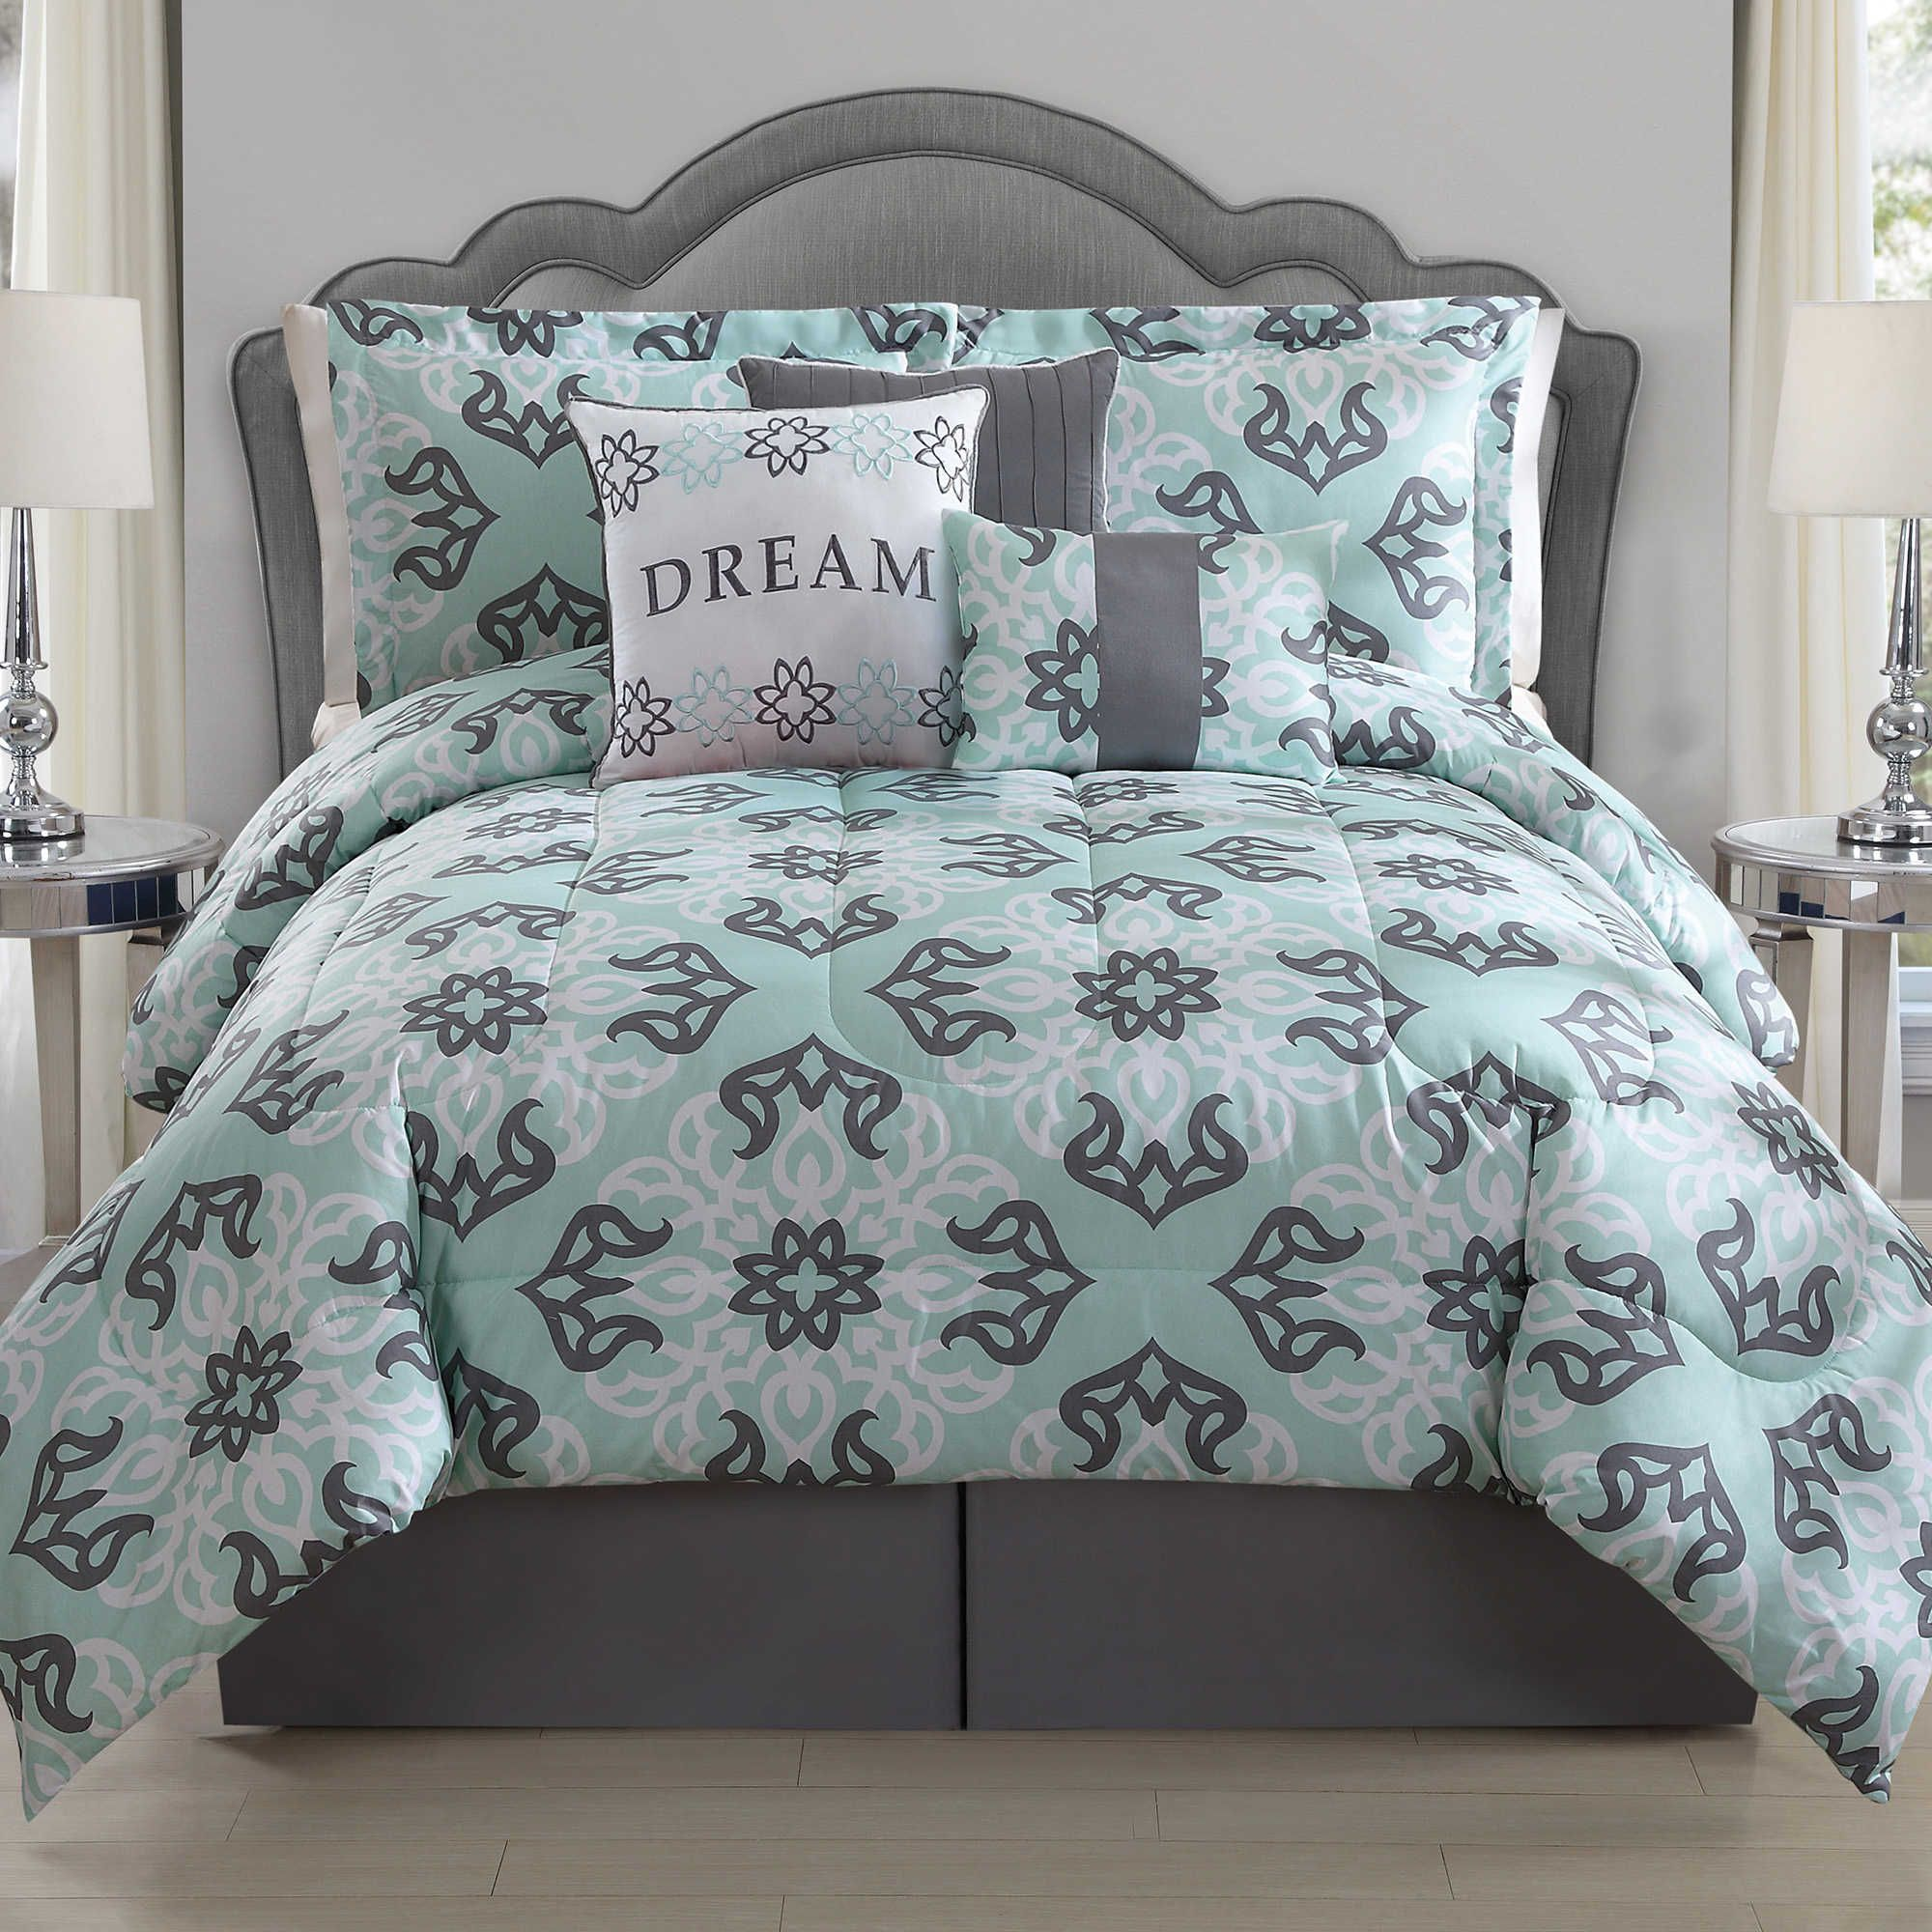 Best Dream 4 Piece Twin Comforter Set In Mint Grey Bedding 640 x 480